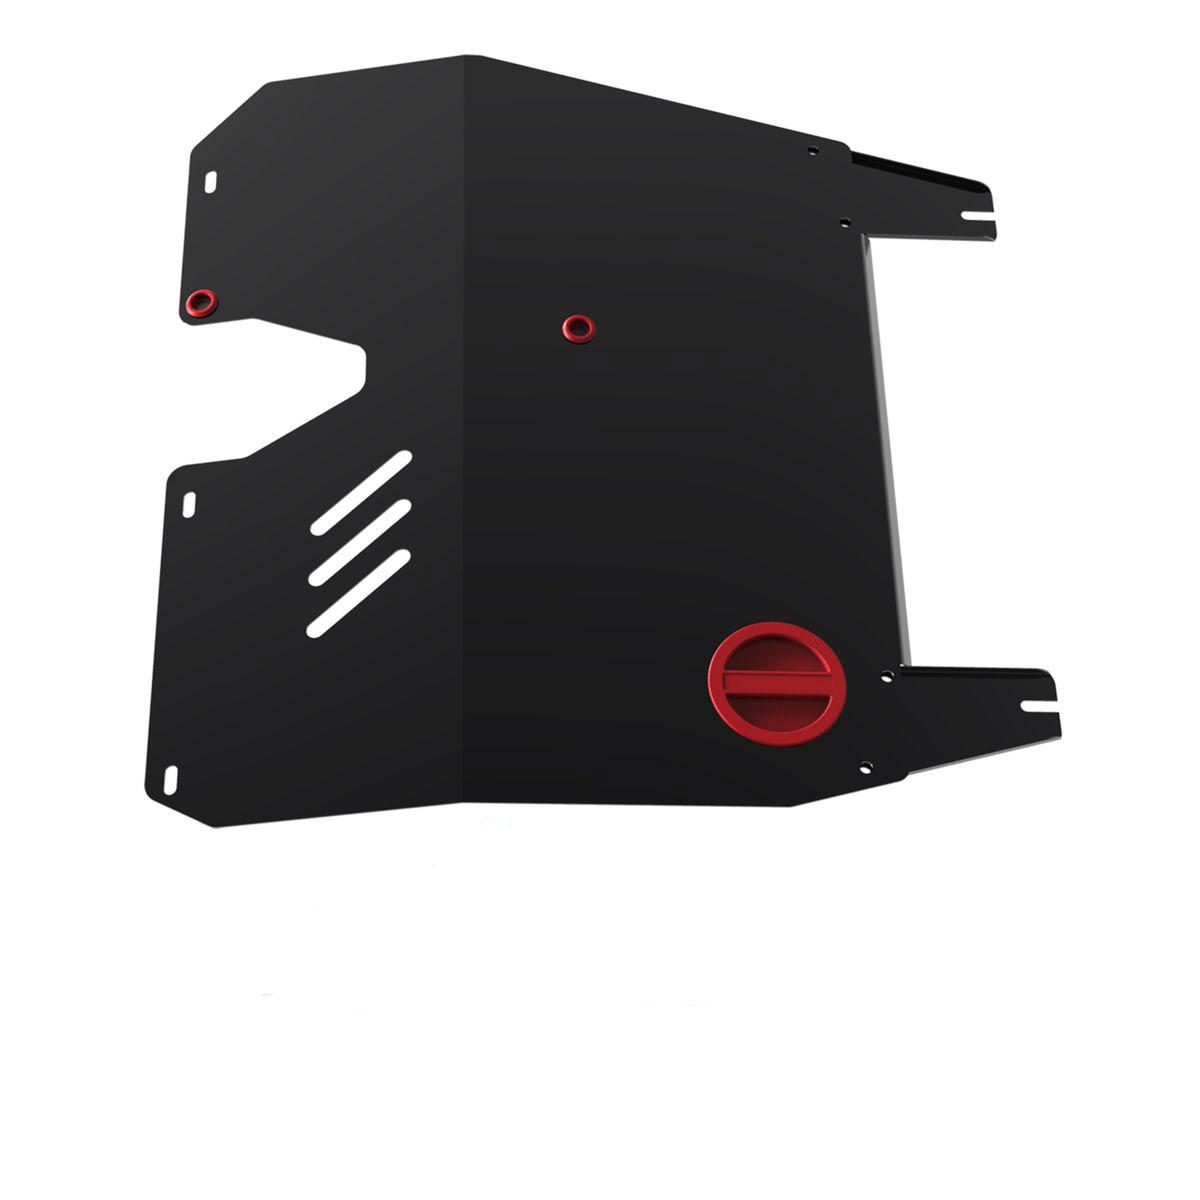 Защита картера и КПП Автоброня, для Mitsubishi Lancer IX V-1,6, 2003-2009111.04002.3Защита картера и КПП Автоброня выполнена из высококачественной стали с пластиковыми вставками. Глубокий штамп усиливает конструкцию. Защита оснащена отверстием с крышкой для слива масла и виброгасящими компенсаторами. Толщина стали: 2 мм. В комплекте набор крепежа.